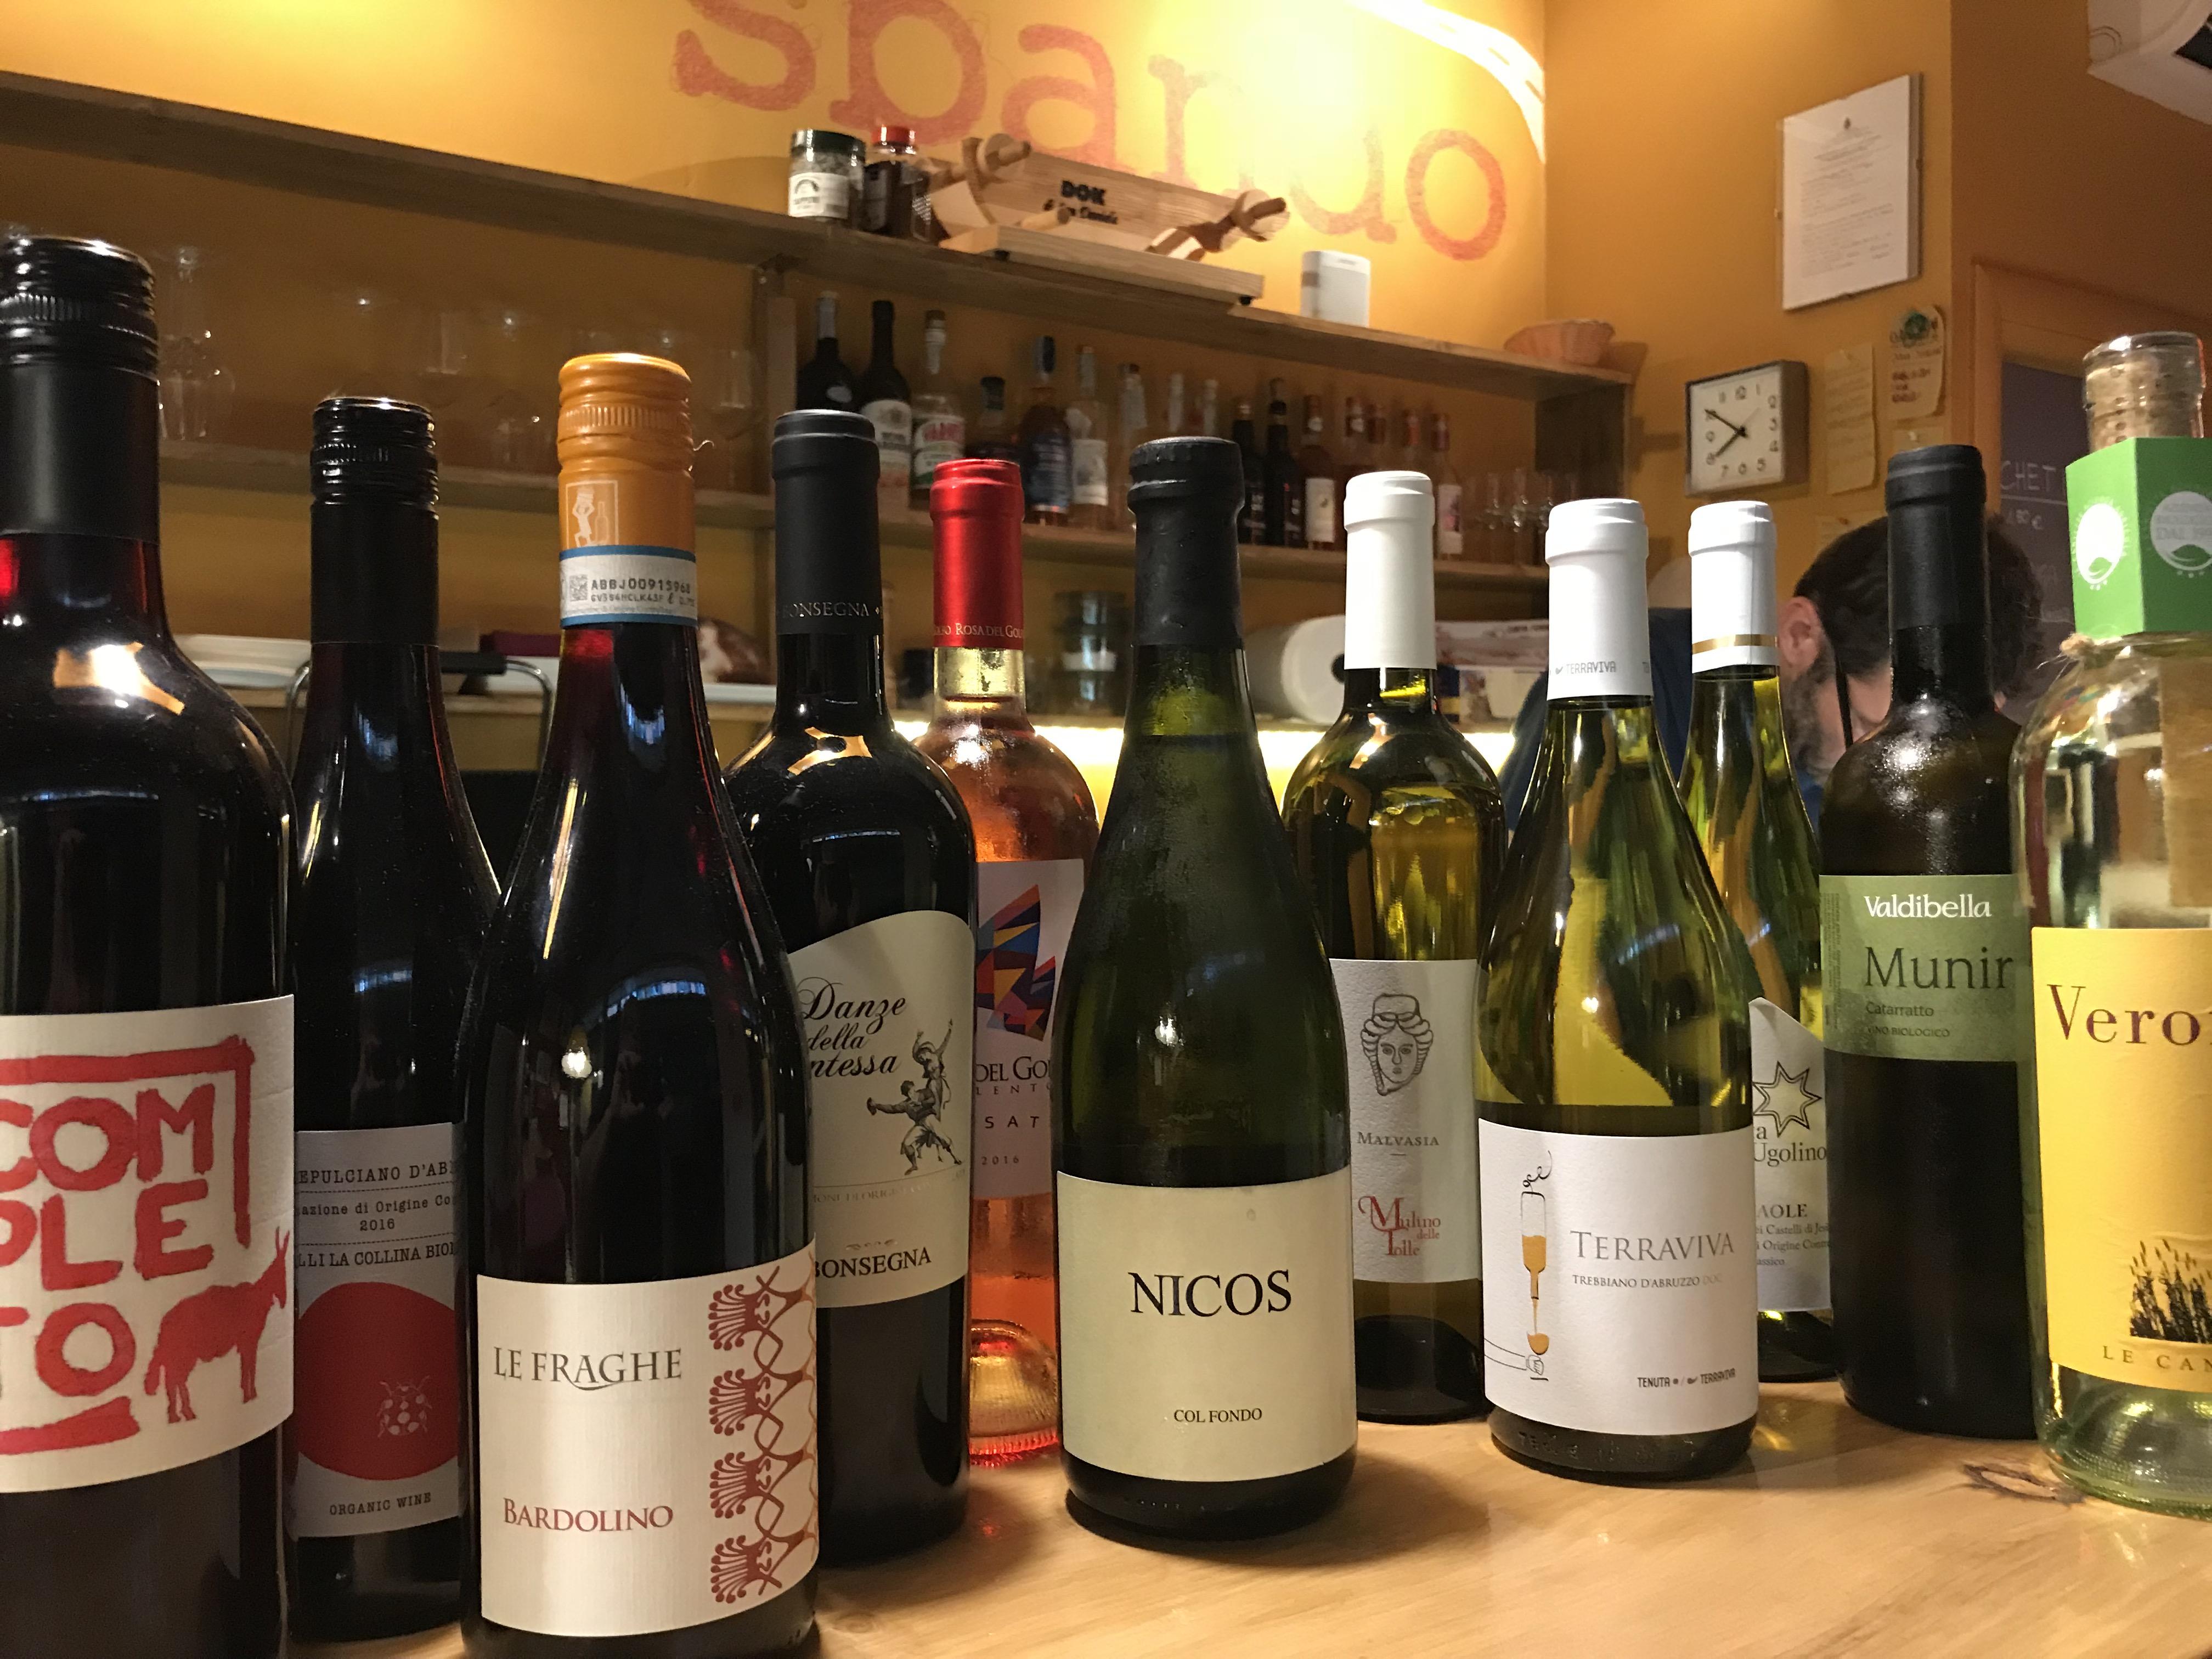 Attenzione: il vino a 3 euro al bicchiere piace tantissimo!